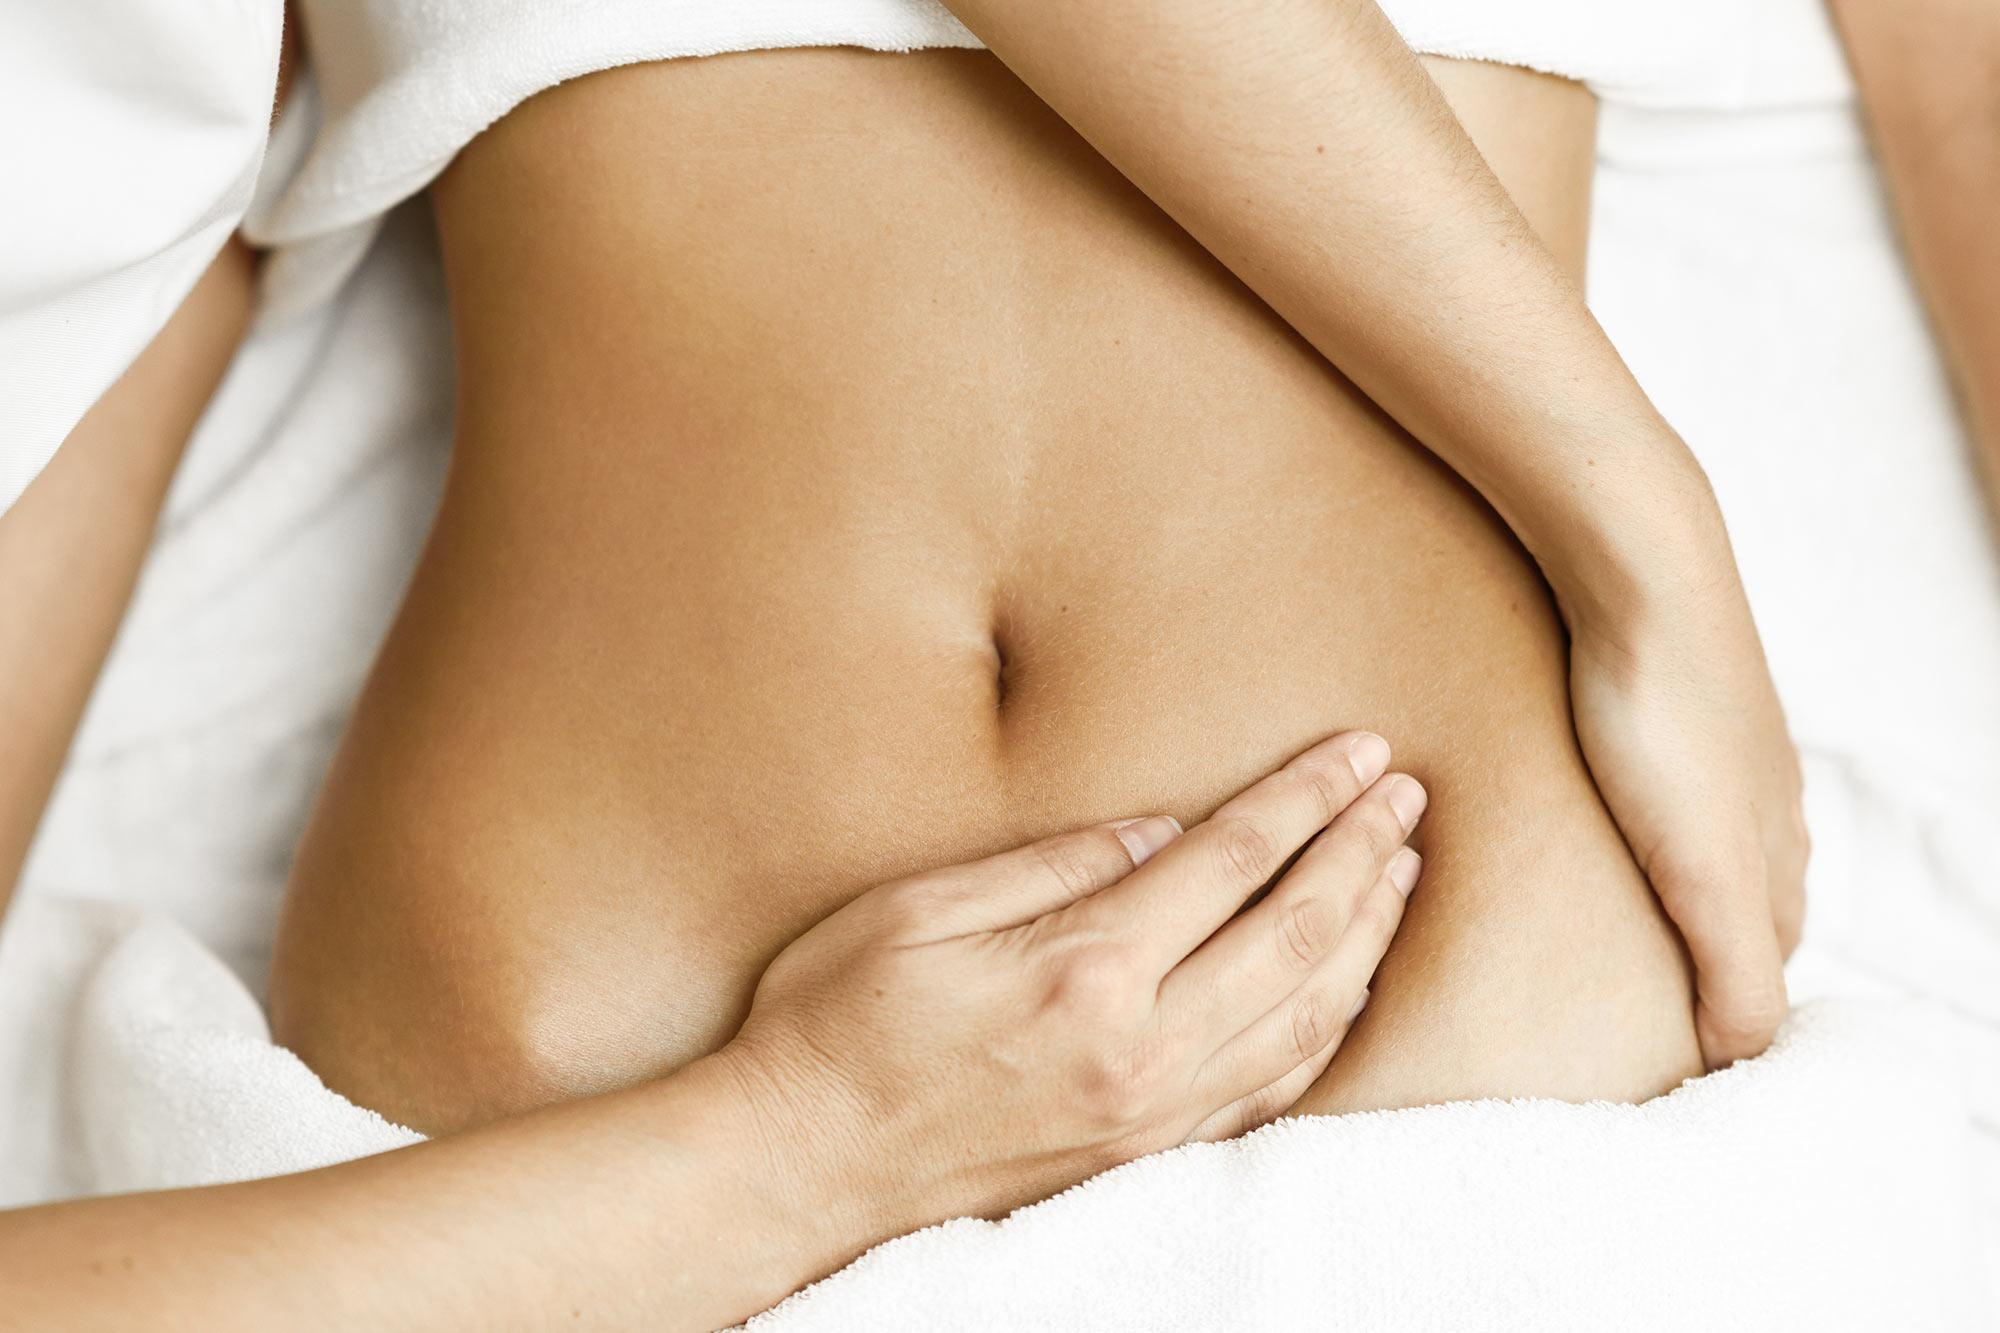 Thérapie manuelle pelvienne